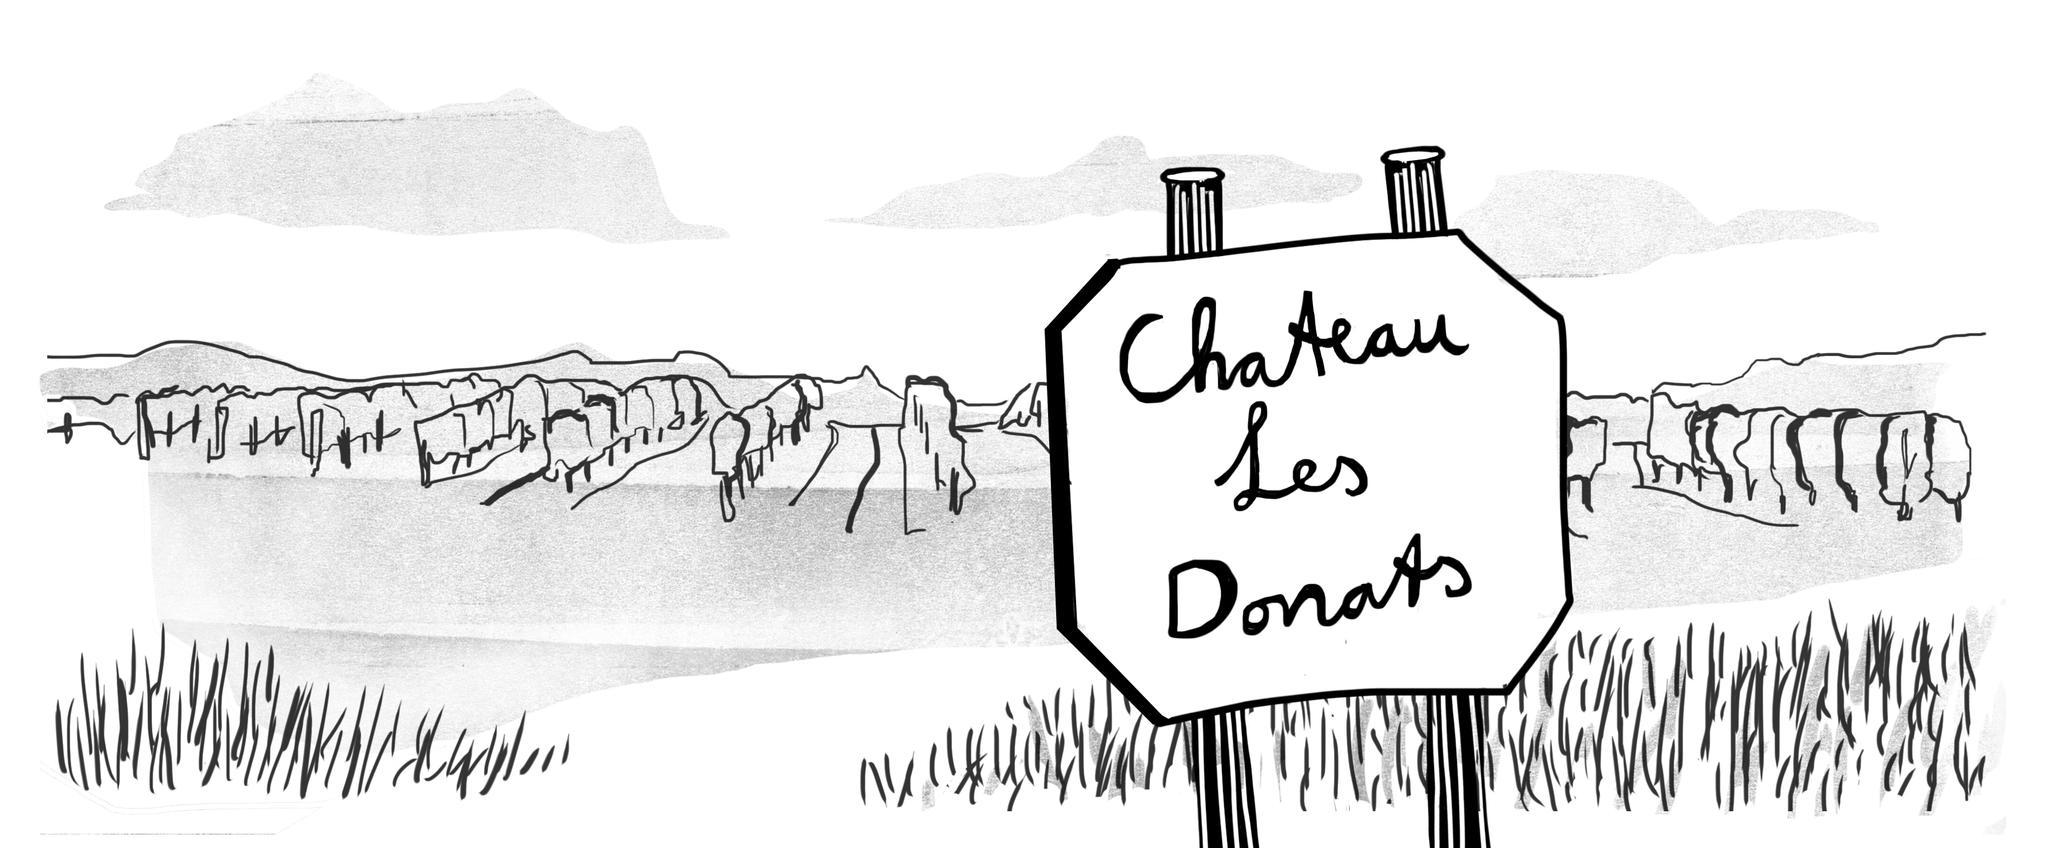 Bergerac Les Donats wijnen